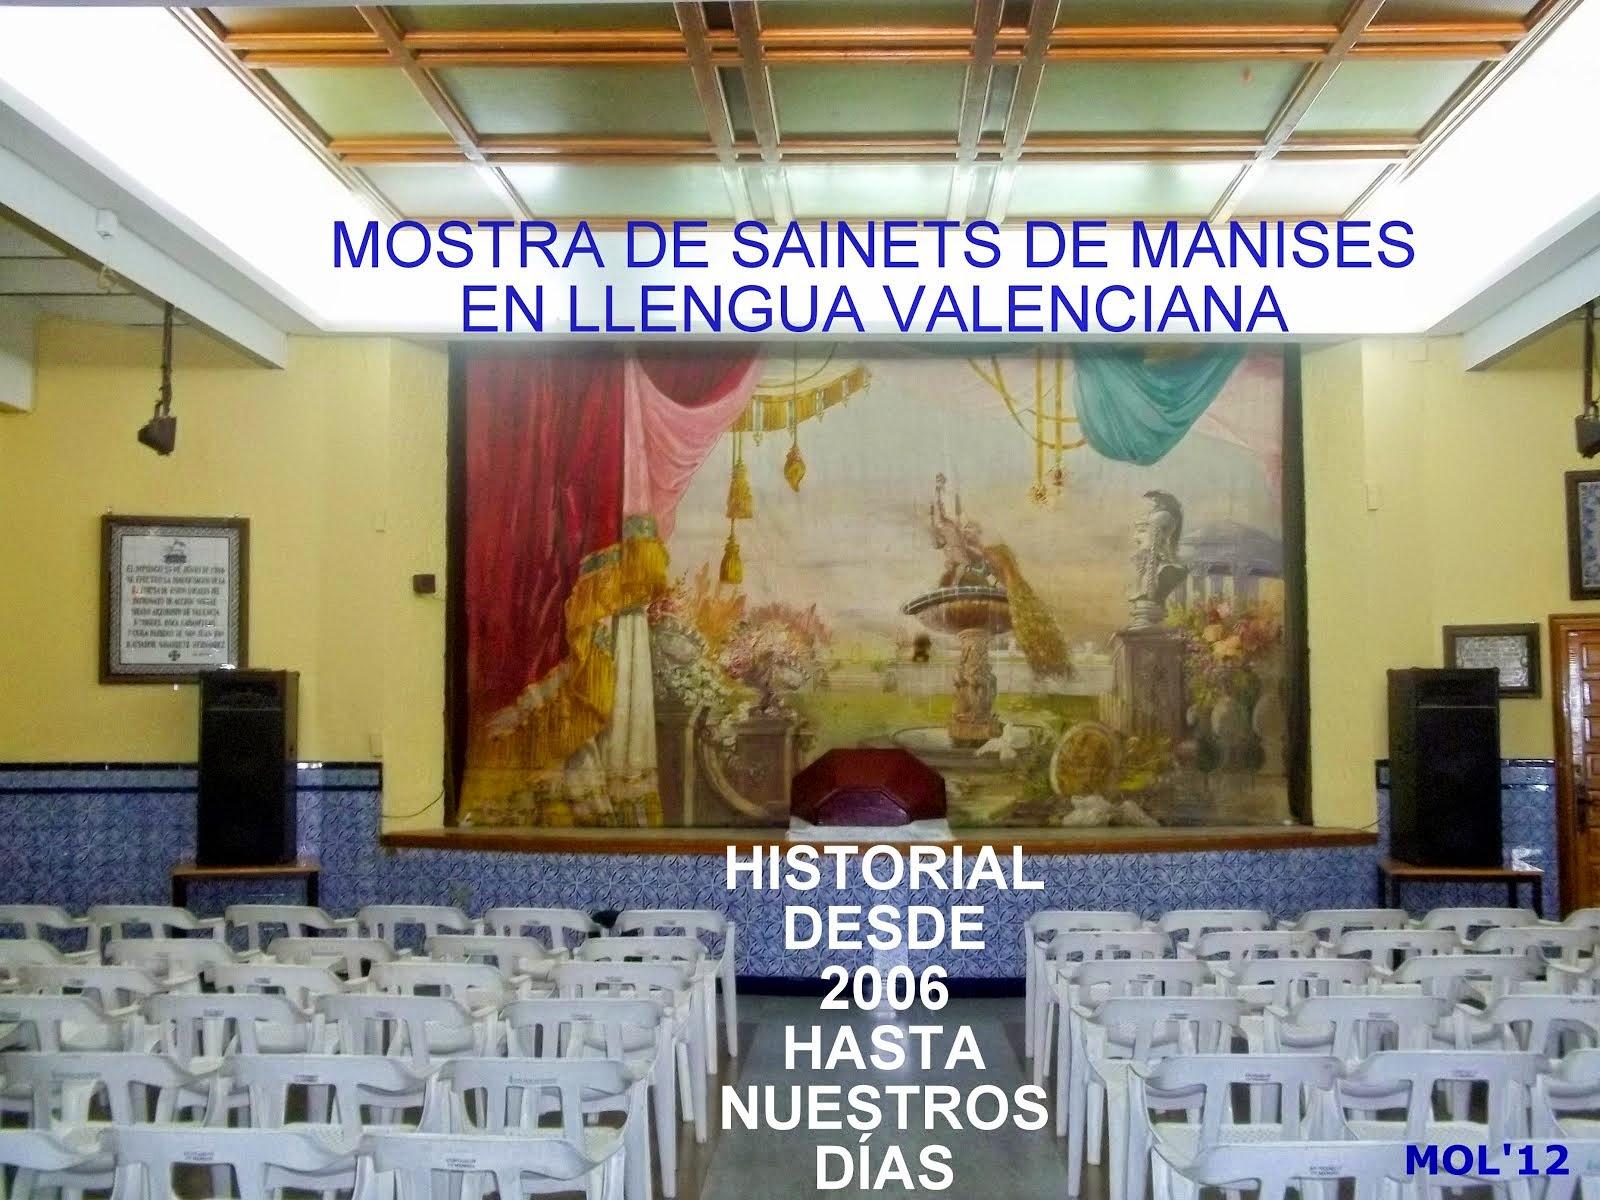 MOSTRA DE SAINETS DE MANISES EN LLENGUA VALENCIANA